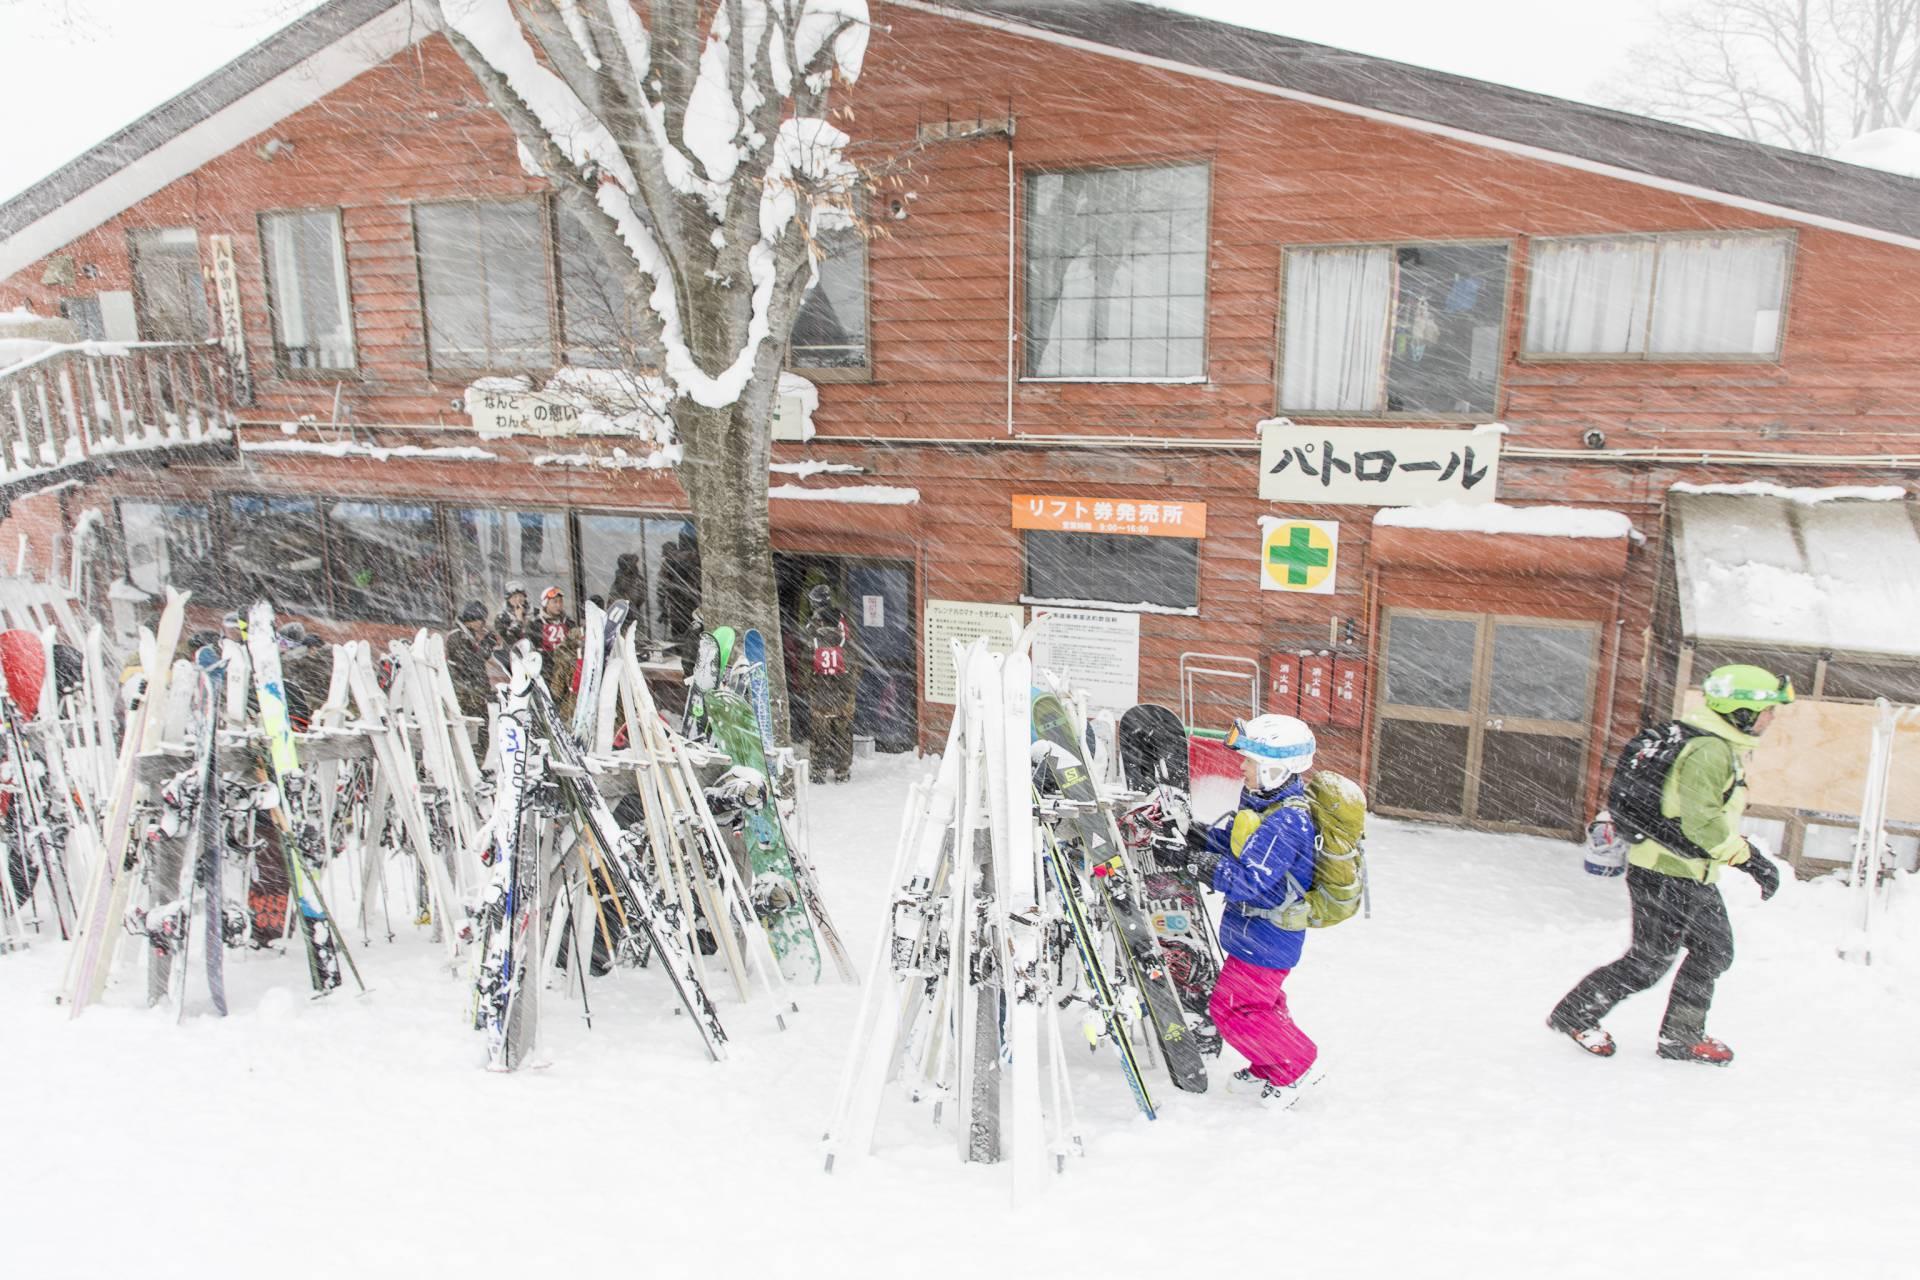 Snöstormen yr på dalstationen på Hakkoda Mountain, Aomori Prefecture, Japan